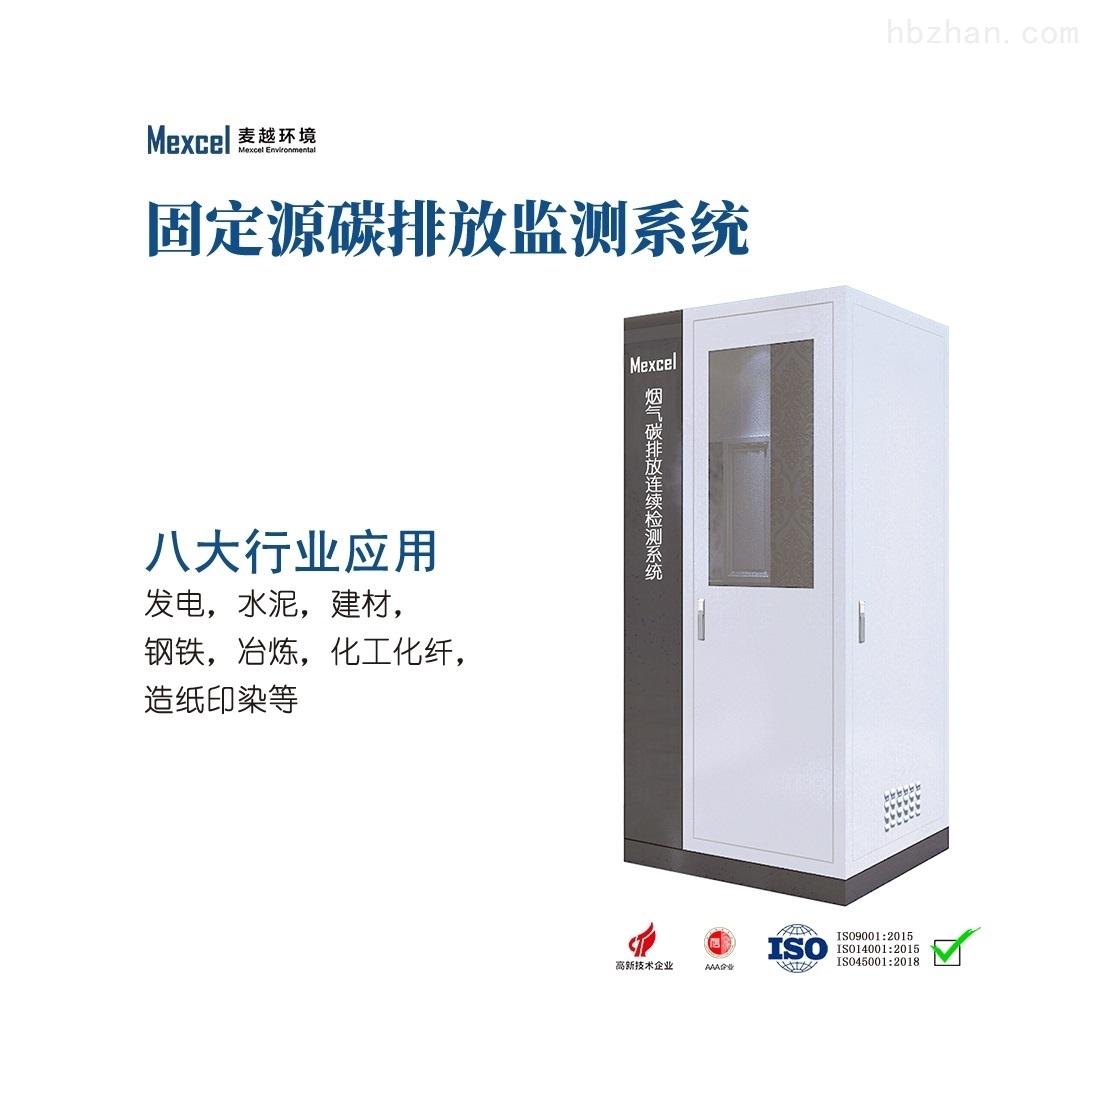 热力二氧化碳检测仪